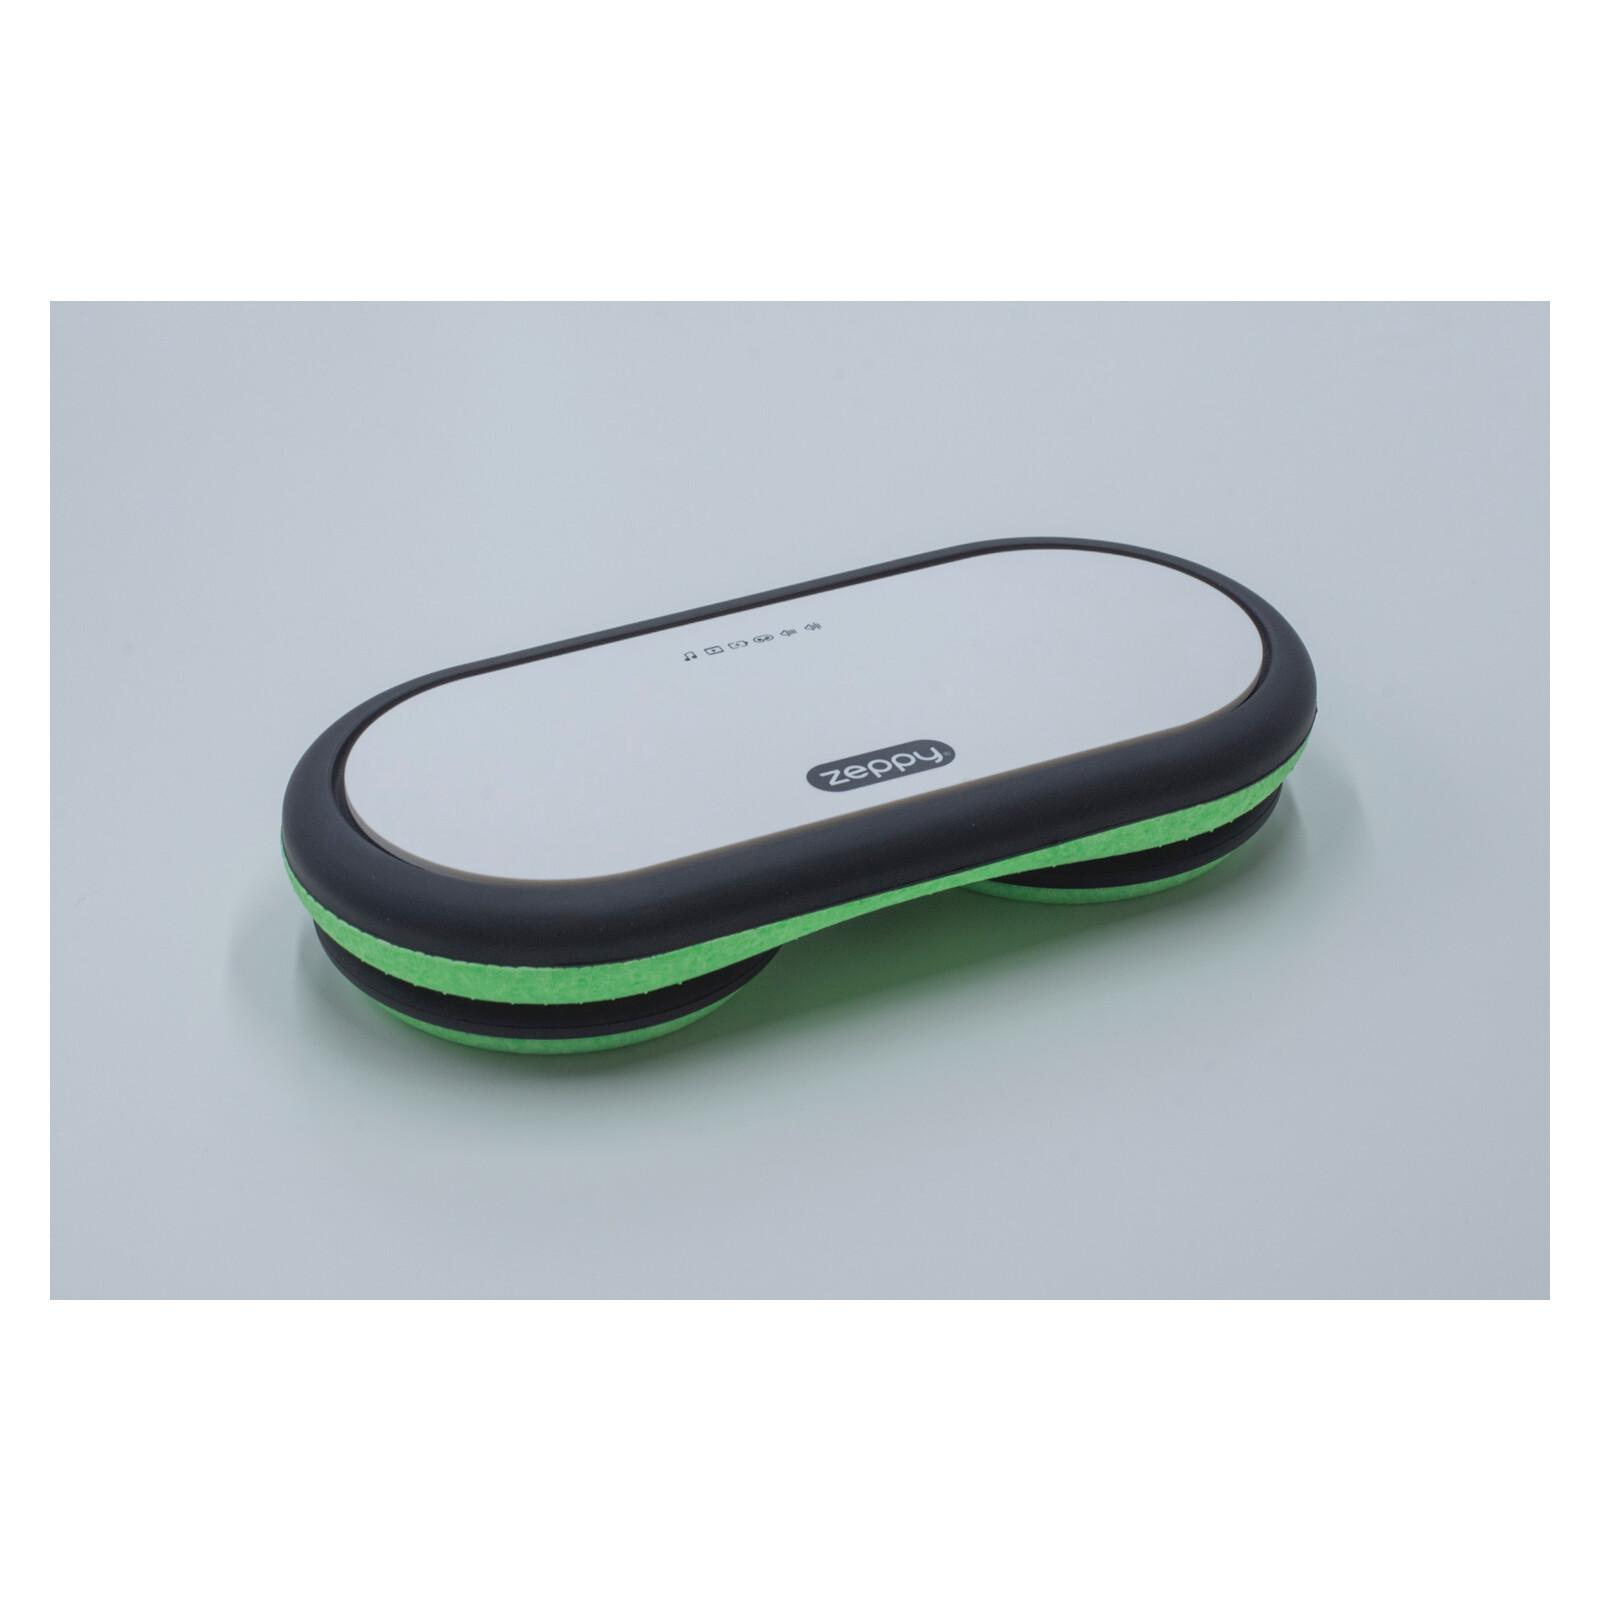 Zeppy MKII Bluetooth Lautsprecher grün